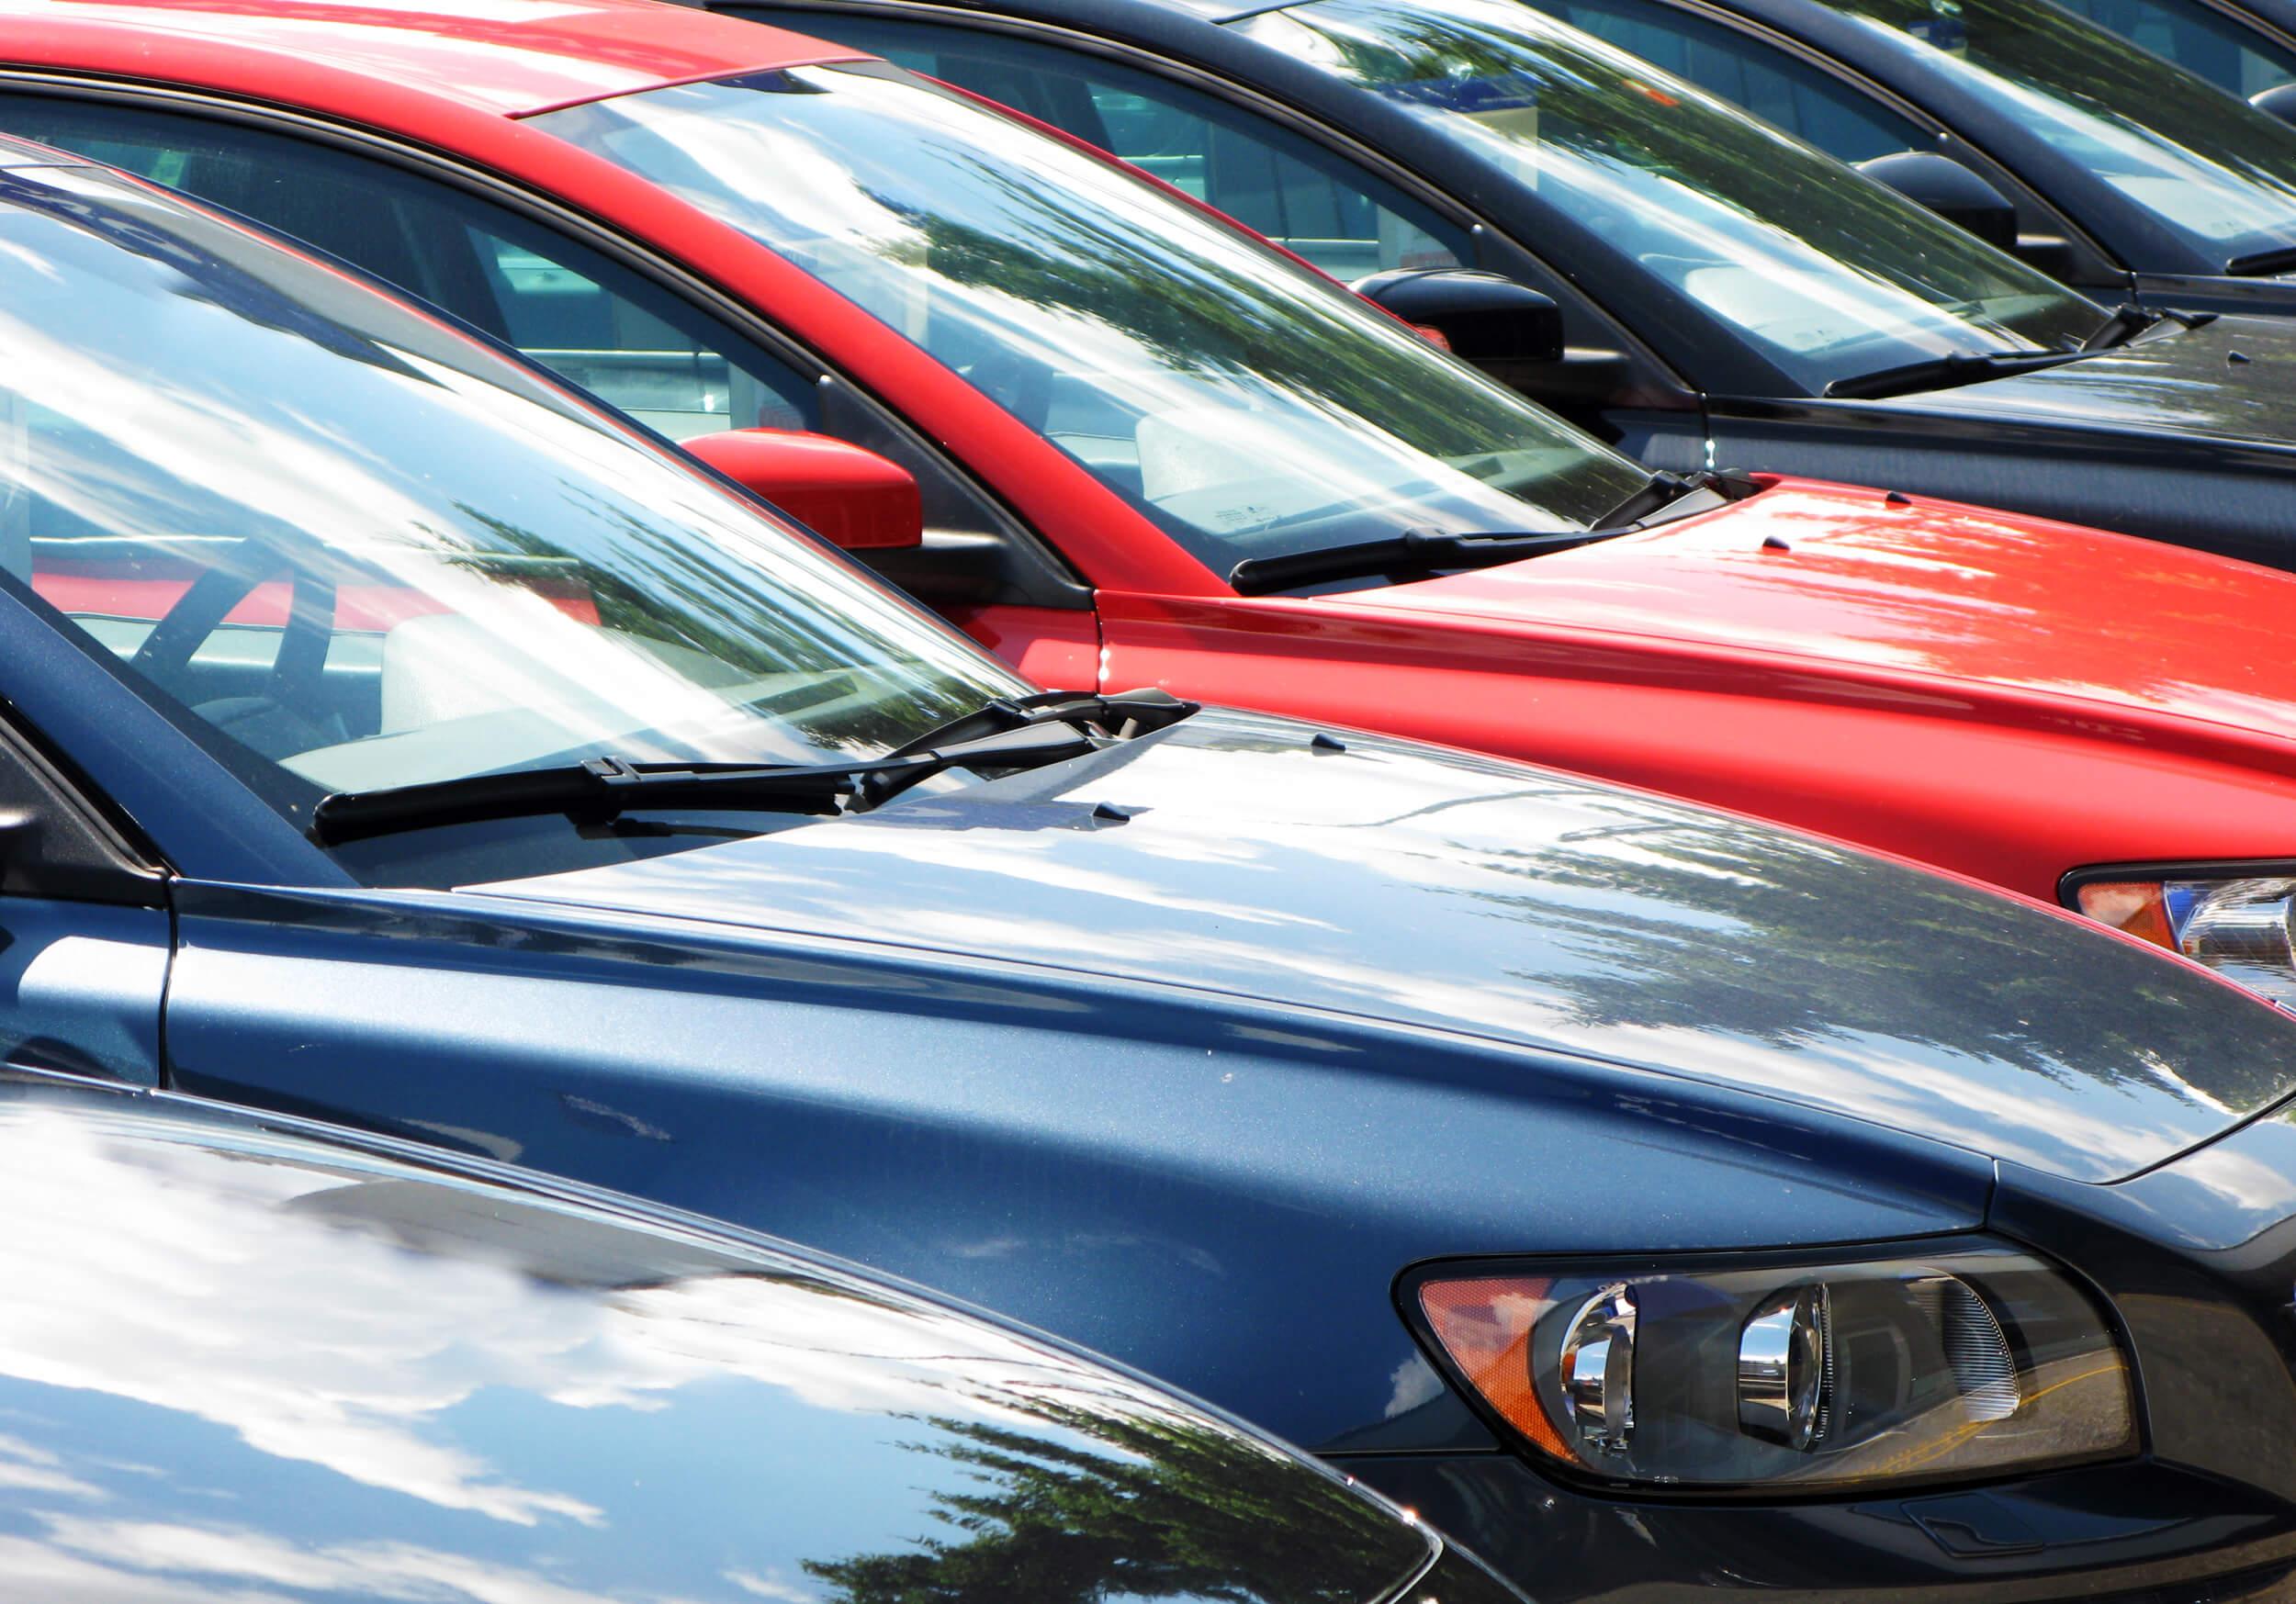 Los carros usados más vendidos en Colombia en 2018